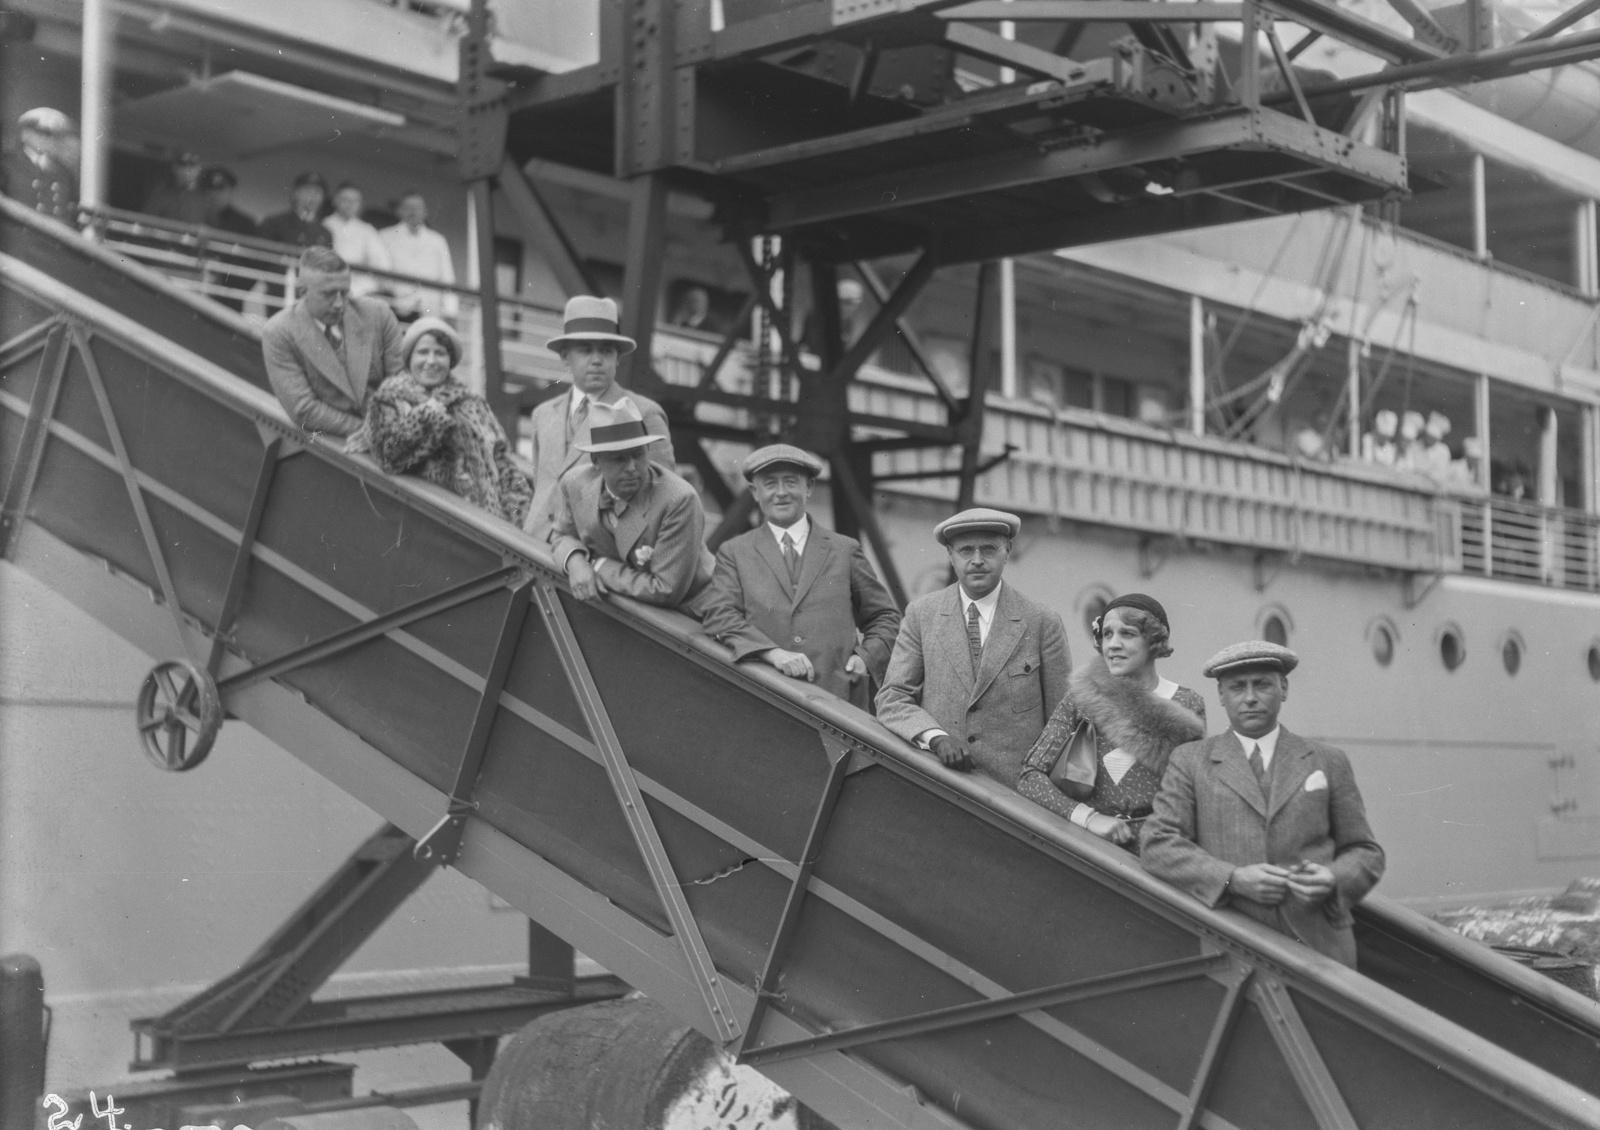 Роттердам. Руководитель экспедиции Ханс Шомбургк с членами экспедиции на пристани